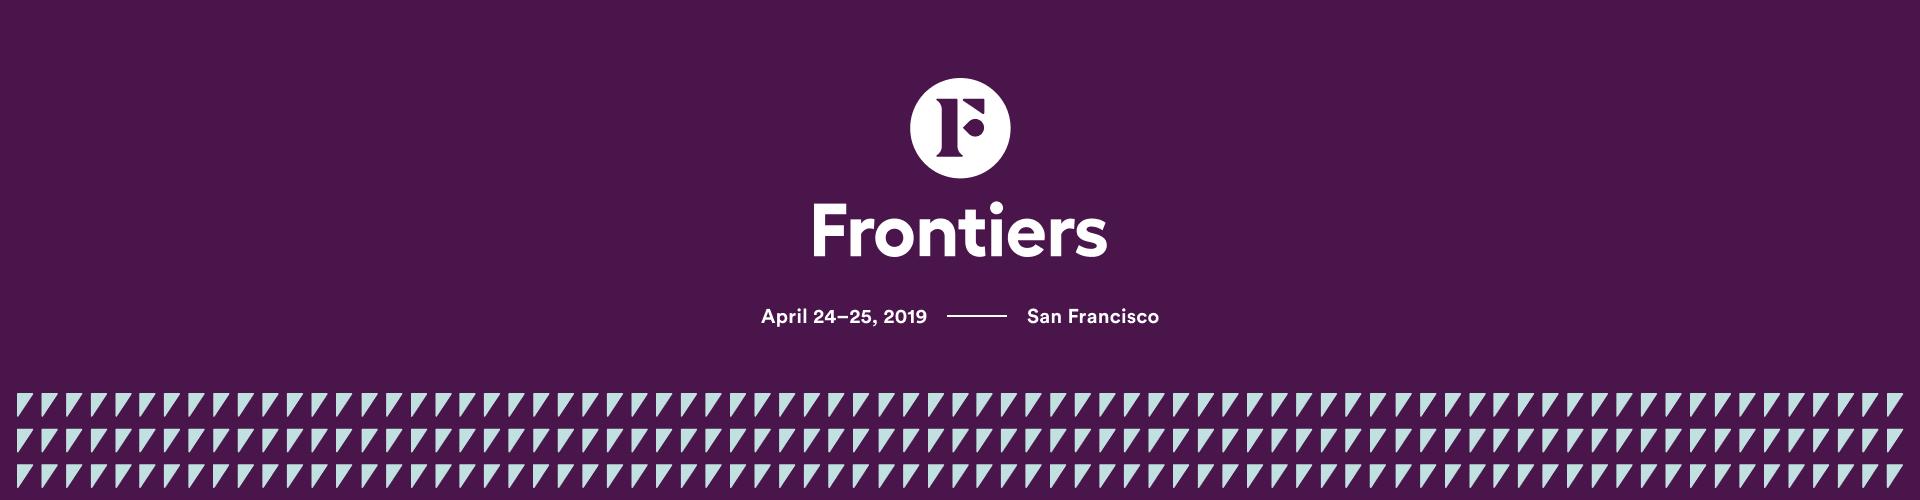 Frontiers 2019